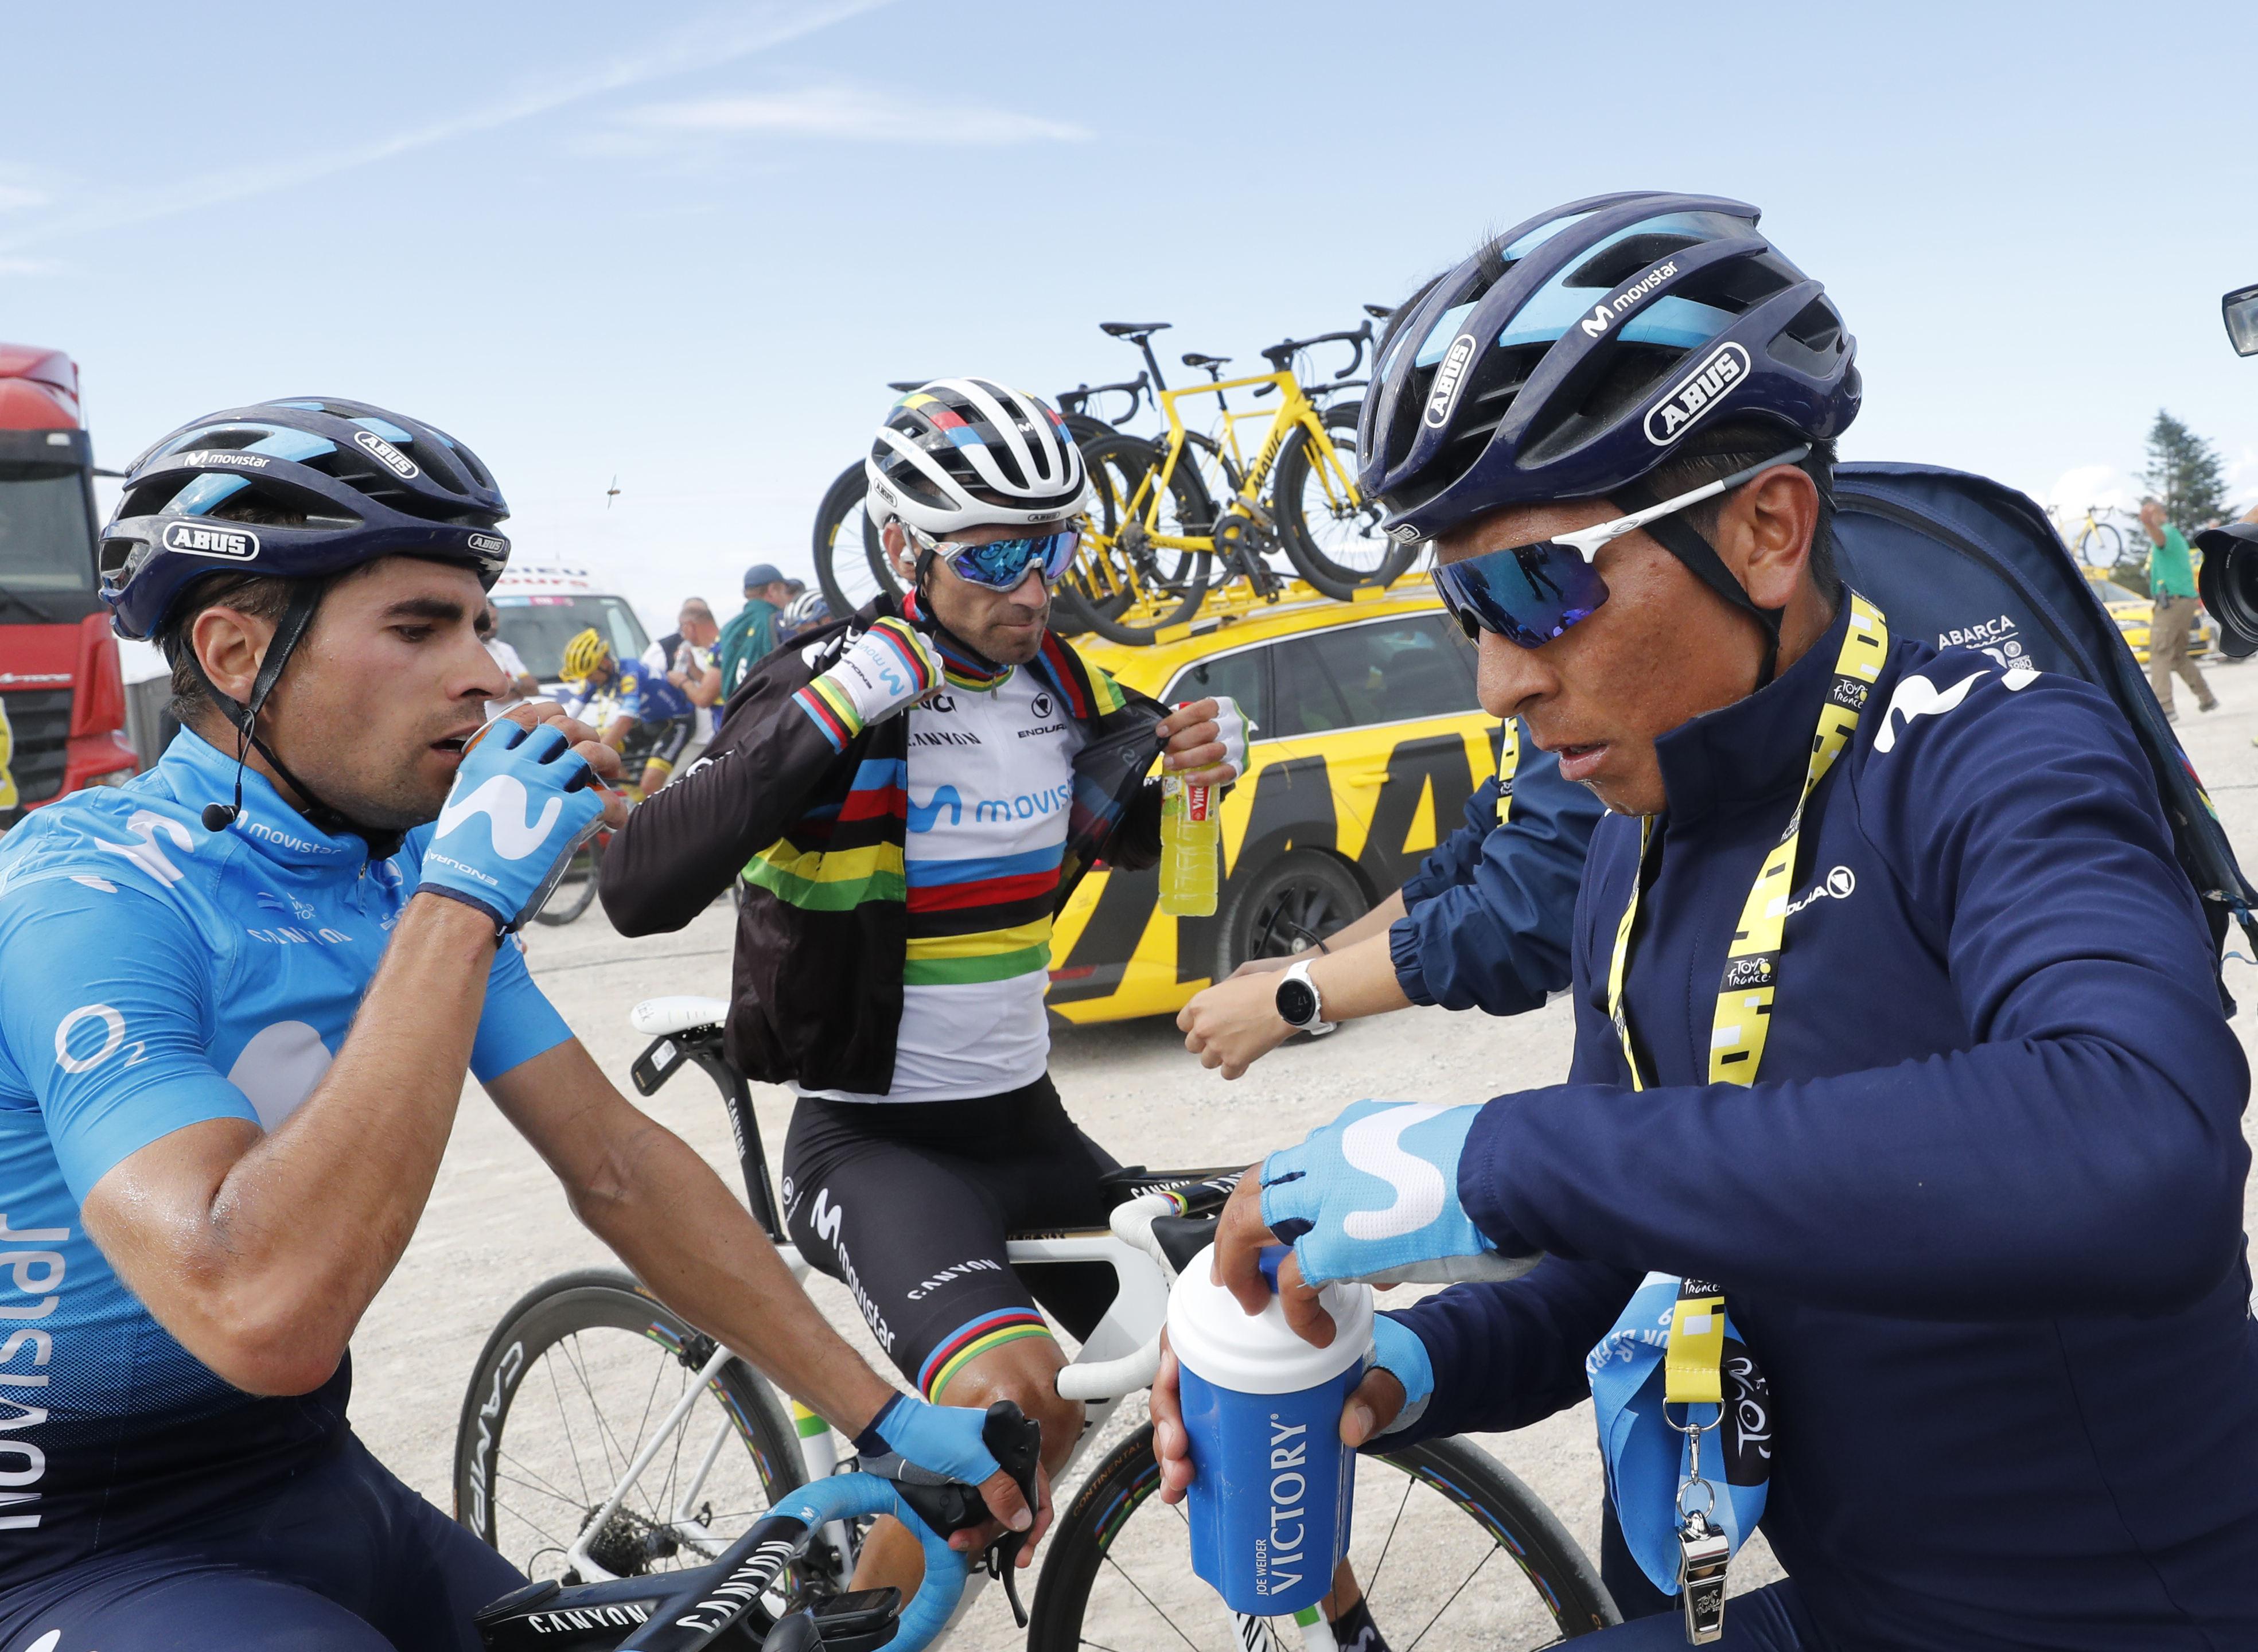 Movistar izgublja kolesarje